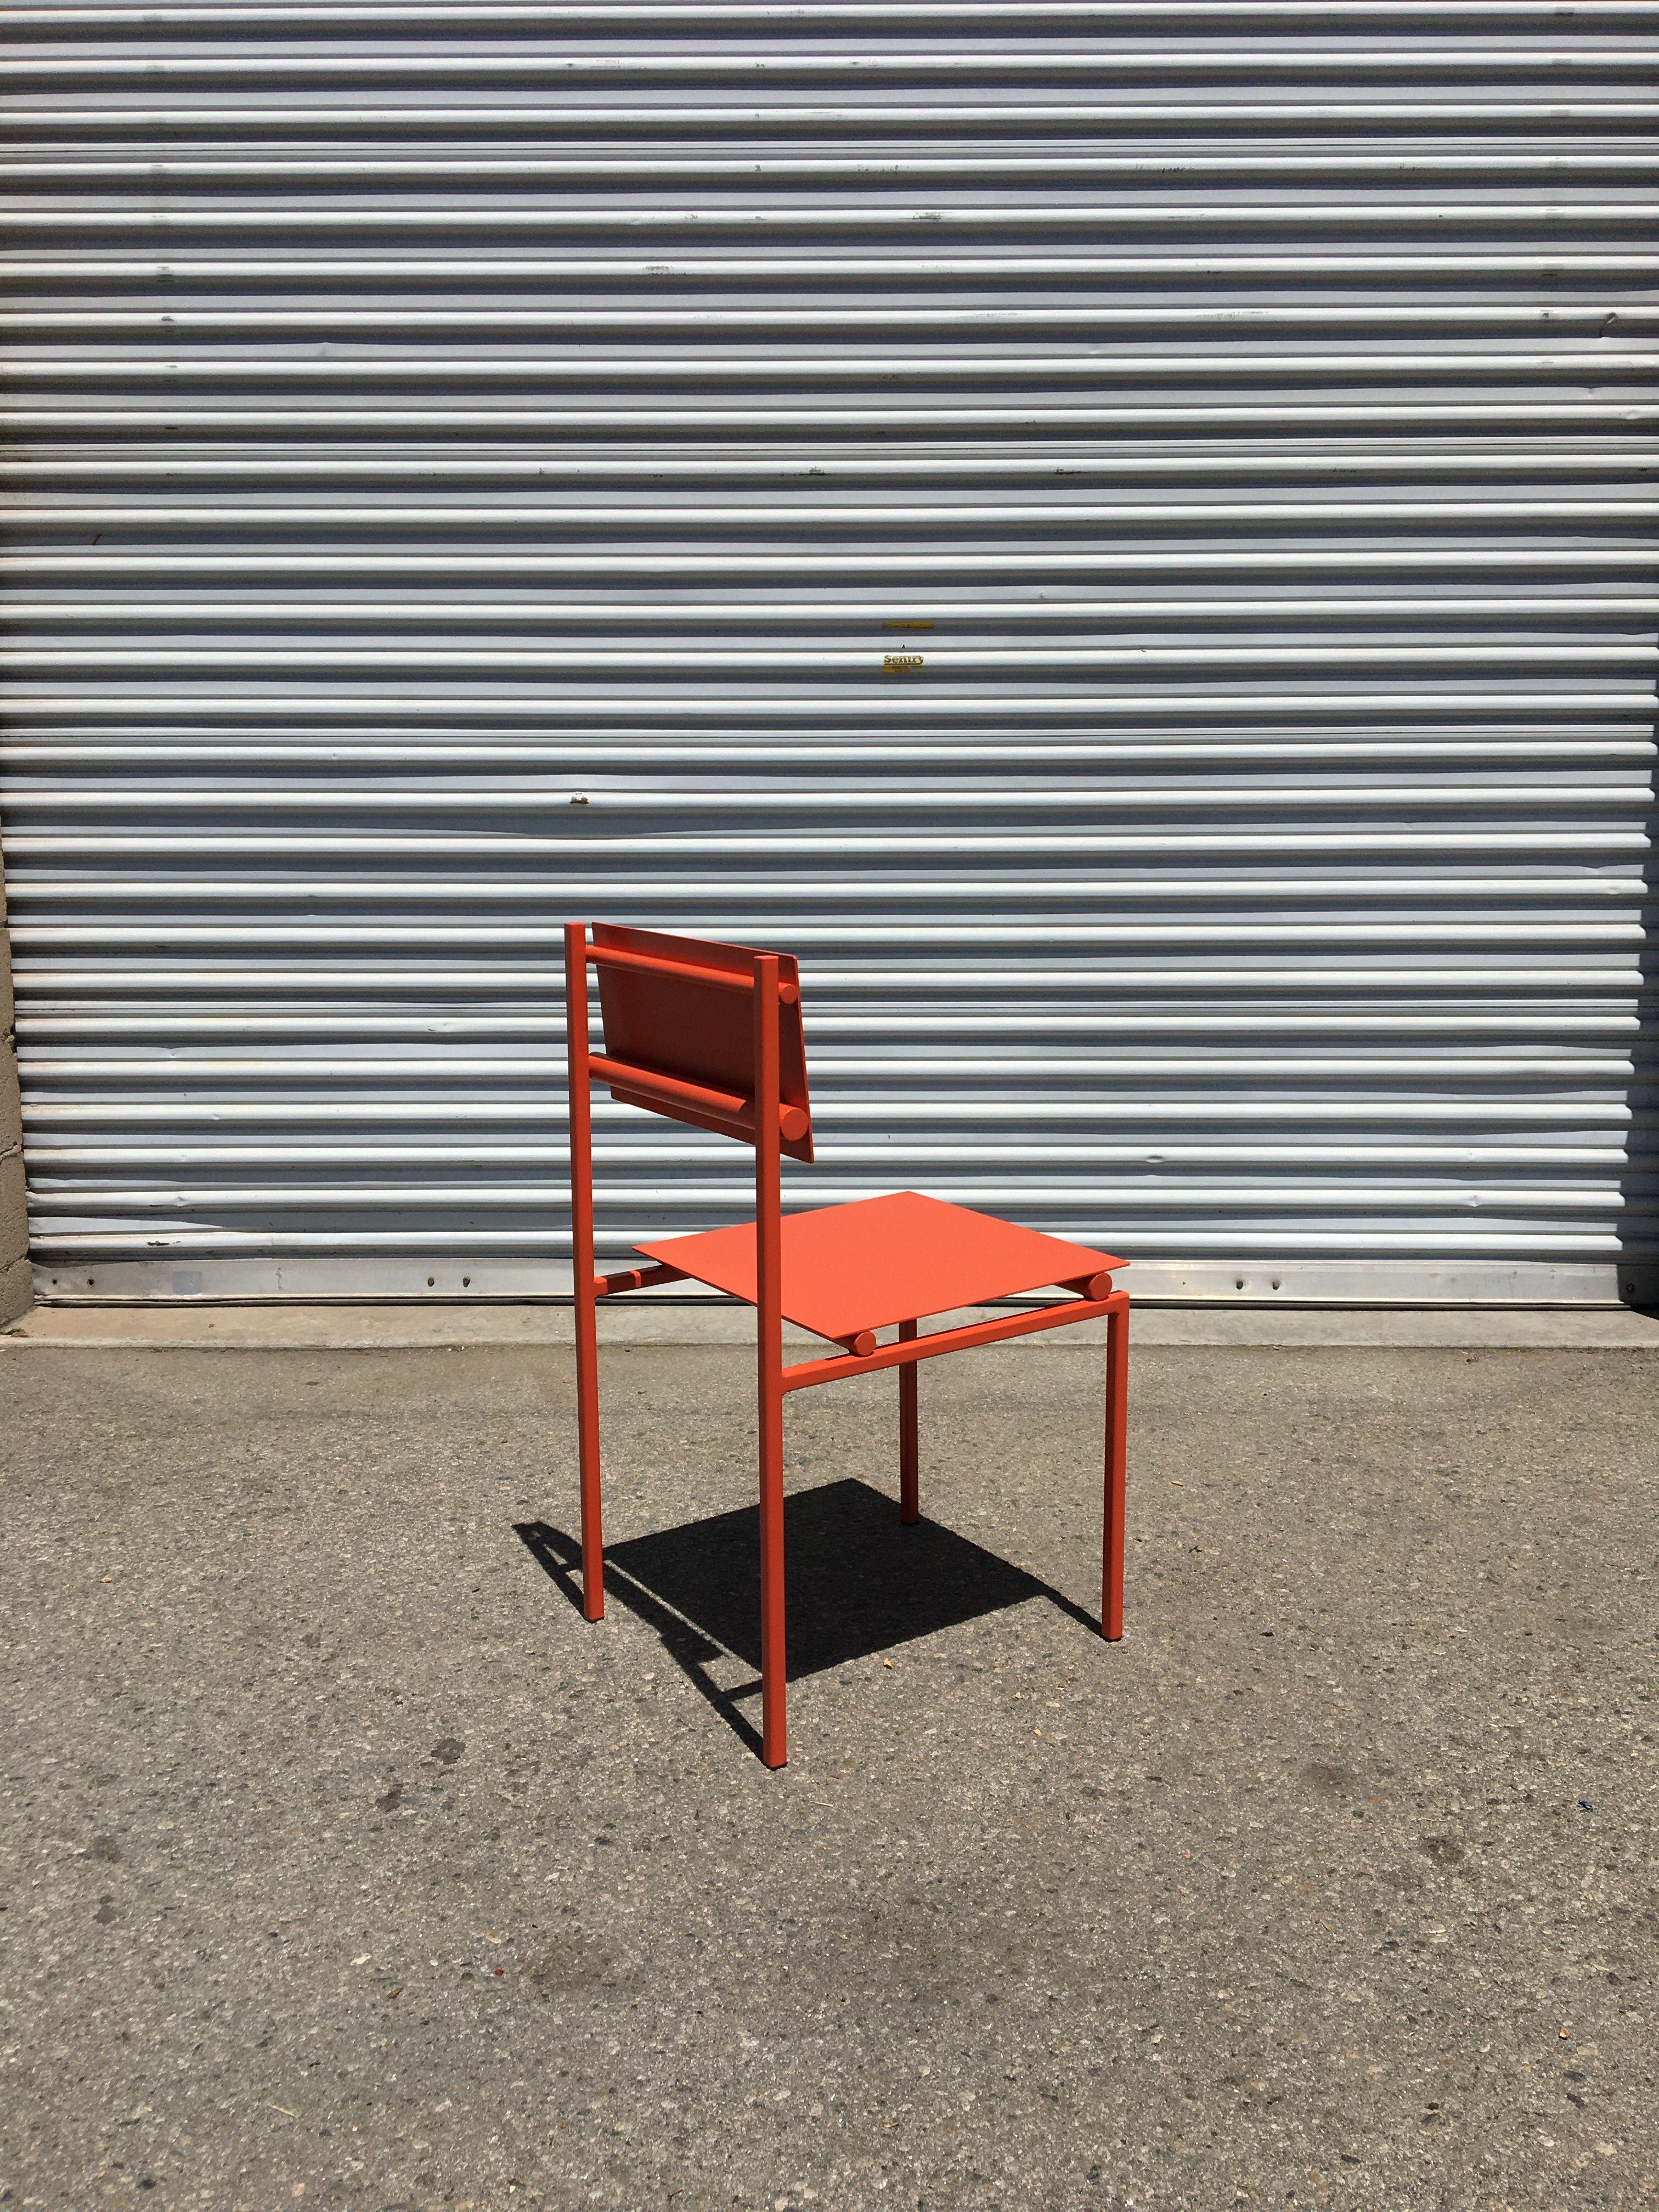 Suspension Metal Set - SIZED LA product image 15